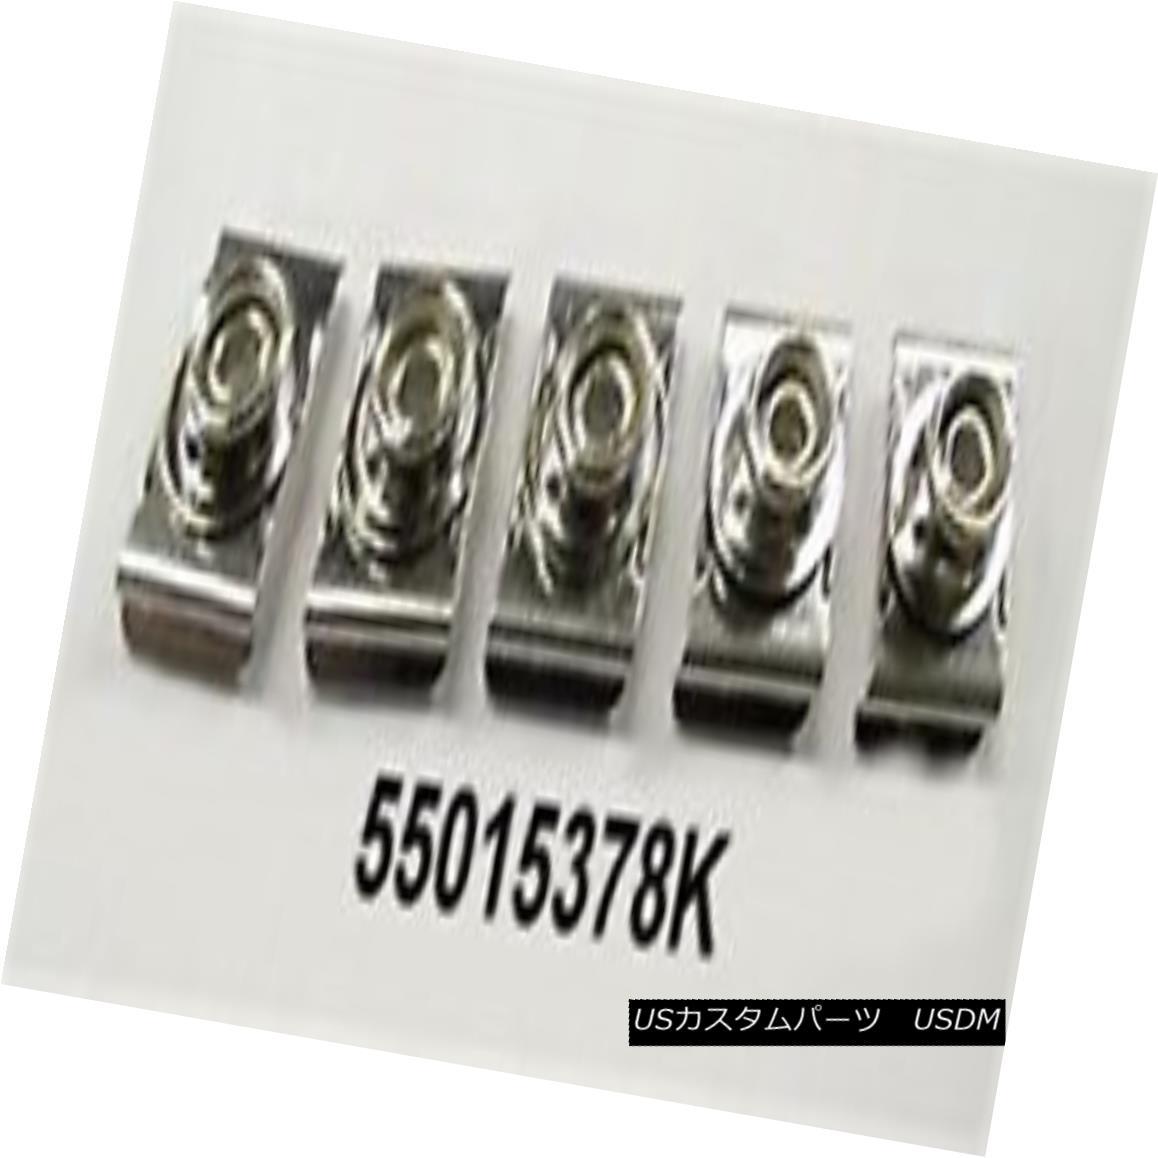 幌・ソフトトップ Omix-Ada 55015378K Soft Top Replacement Snap Kit Fits 87-95 Wrangler (YJ) Omix-Ada 55015378Kソフトトップ交換用スナップキットは87-95ラングラー(YJ)に適合